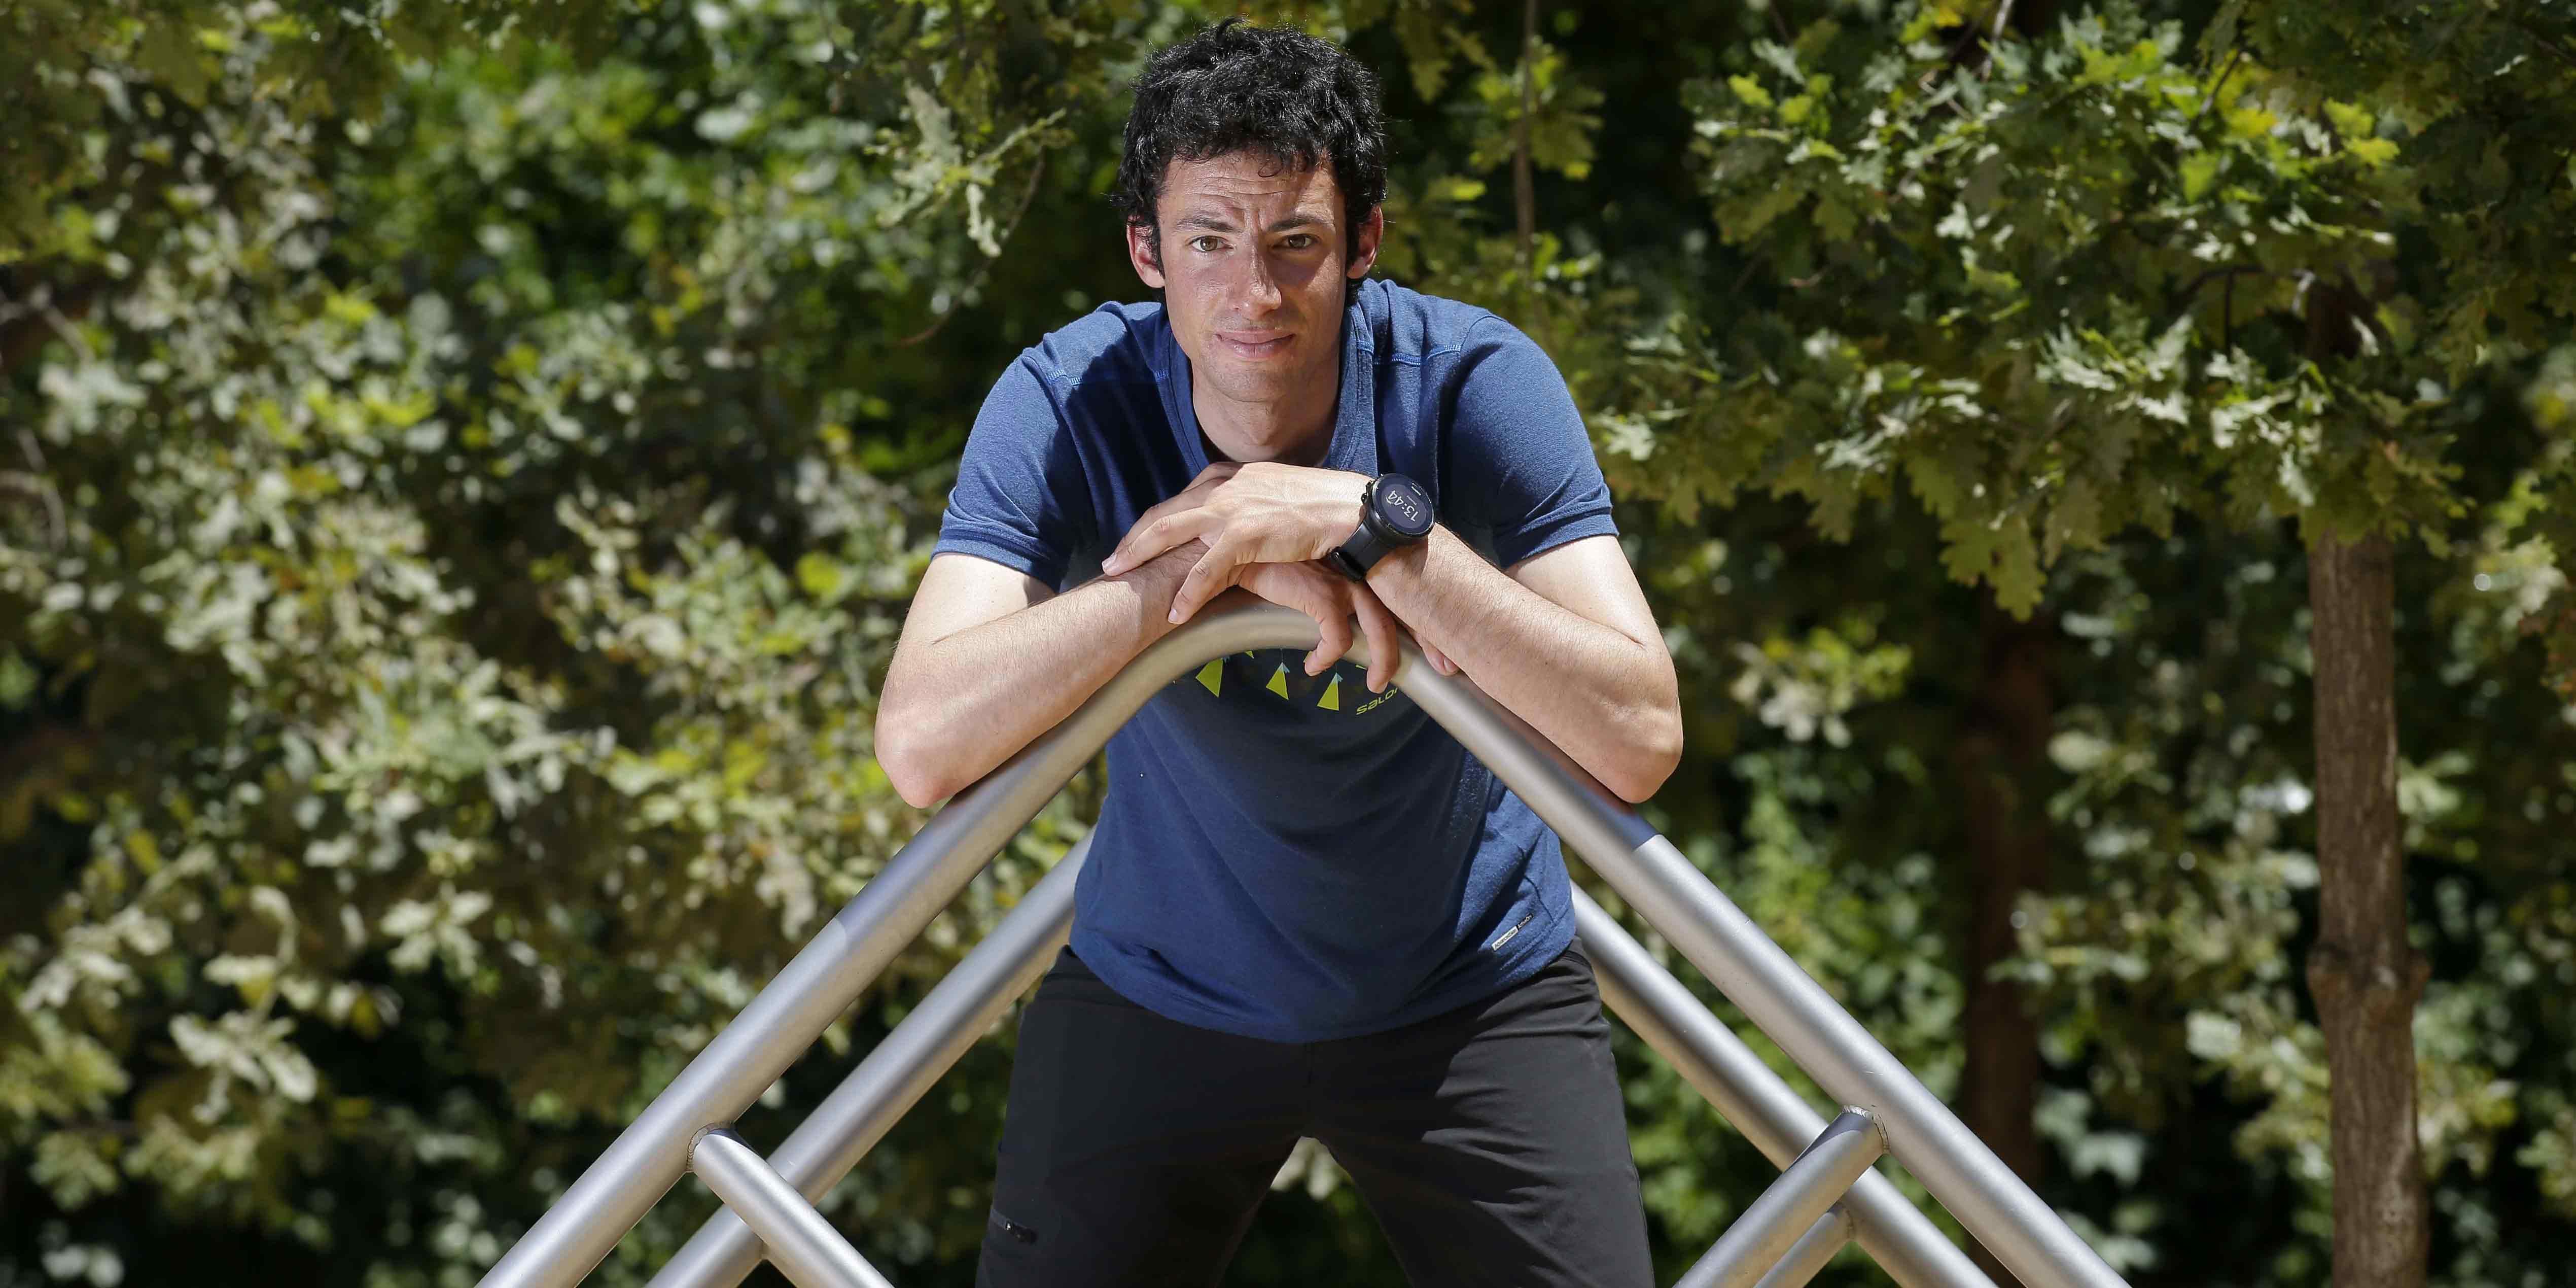 """Kilian Jornet, star de l'ultra-trail : """"Je compte me limiter aux choses qui ont du sens pour moi"""""""